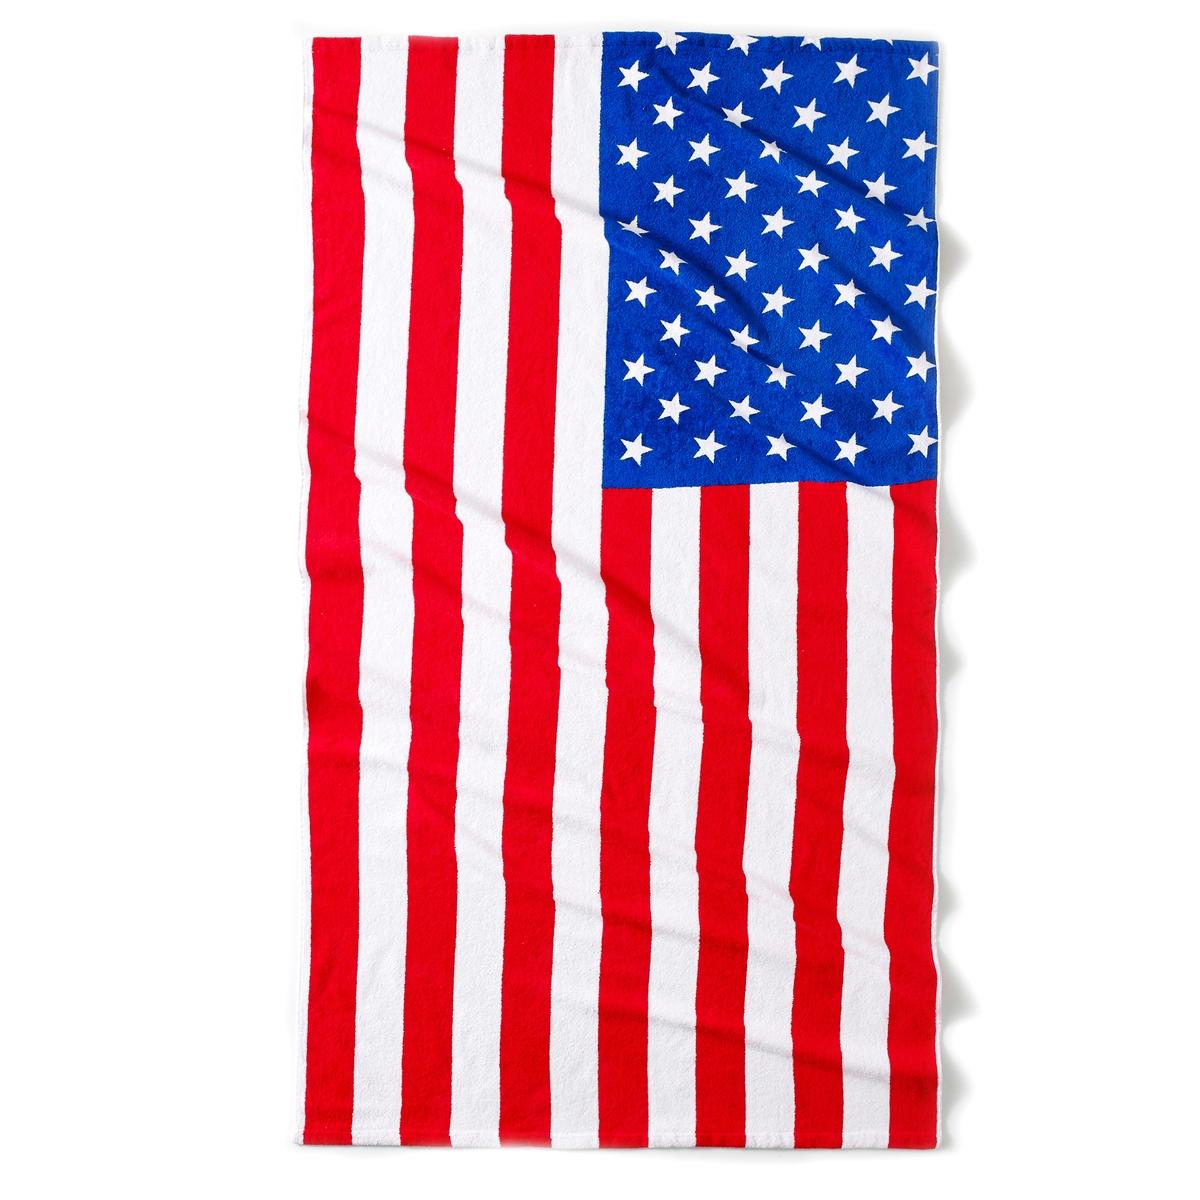 Полотенце пляжное Flag USAОписание пляжного полотенца USA :Принт флага US Характеристики пляжного полотенца USA :Махровая ткань 100% хлопка .400 г/м? . Стирка при 40°.Найдите всю коллекцию махровых изделий на сайте laredoute.ru.Размер пляжного полотенца USA :90 x 170 см<br><br>Цвет: синий/ белый/ красный<br>Размер: единый размер